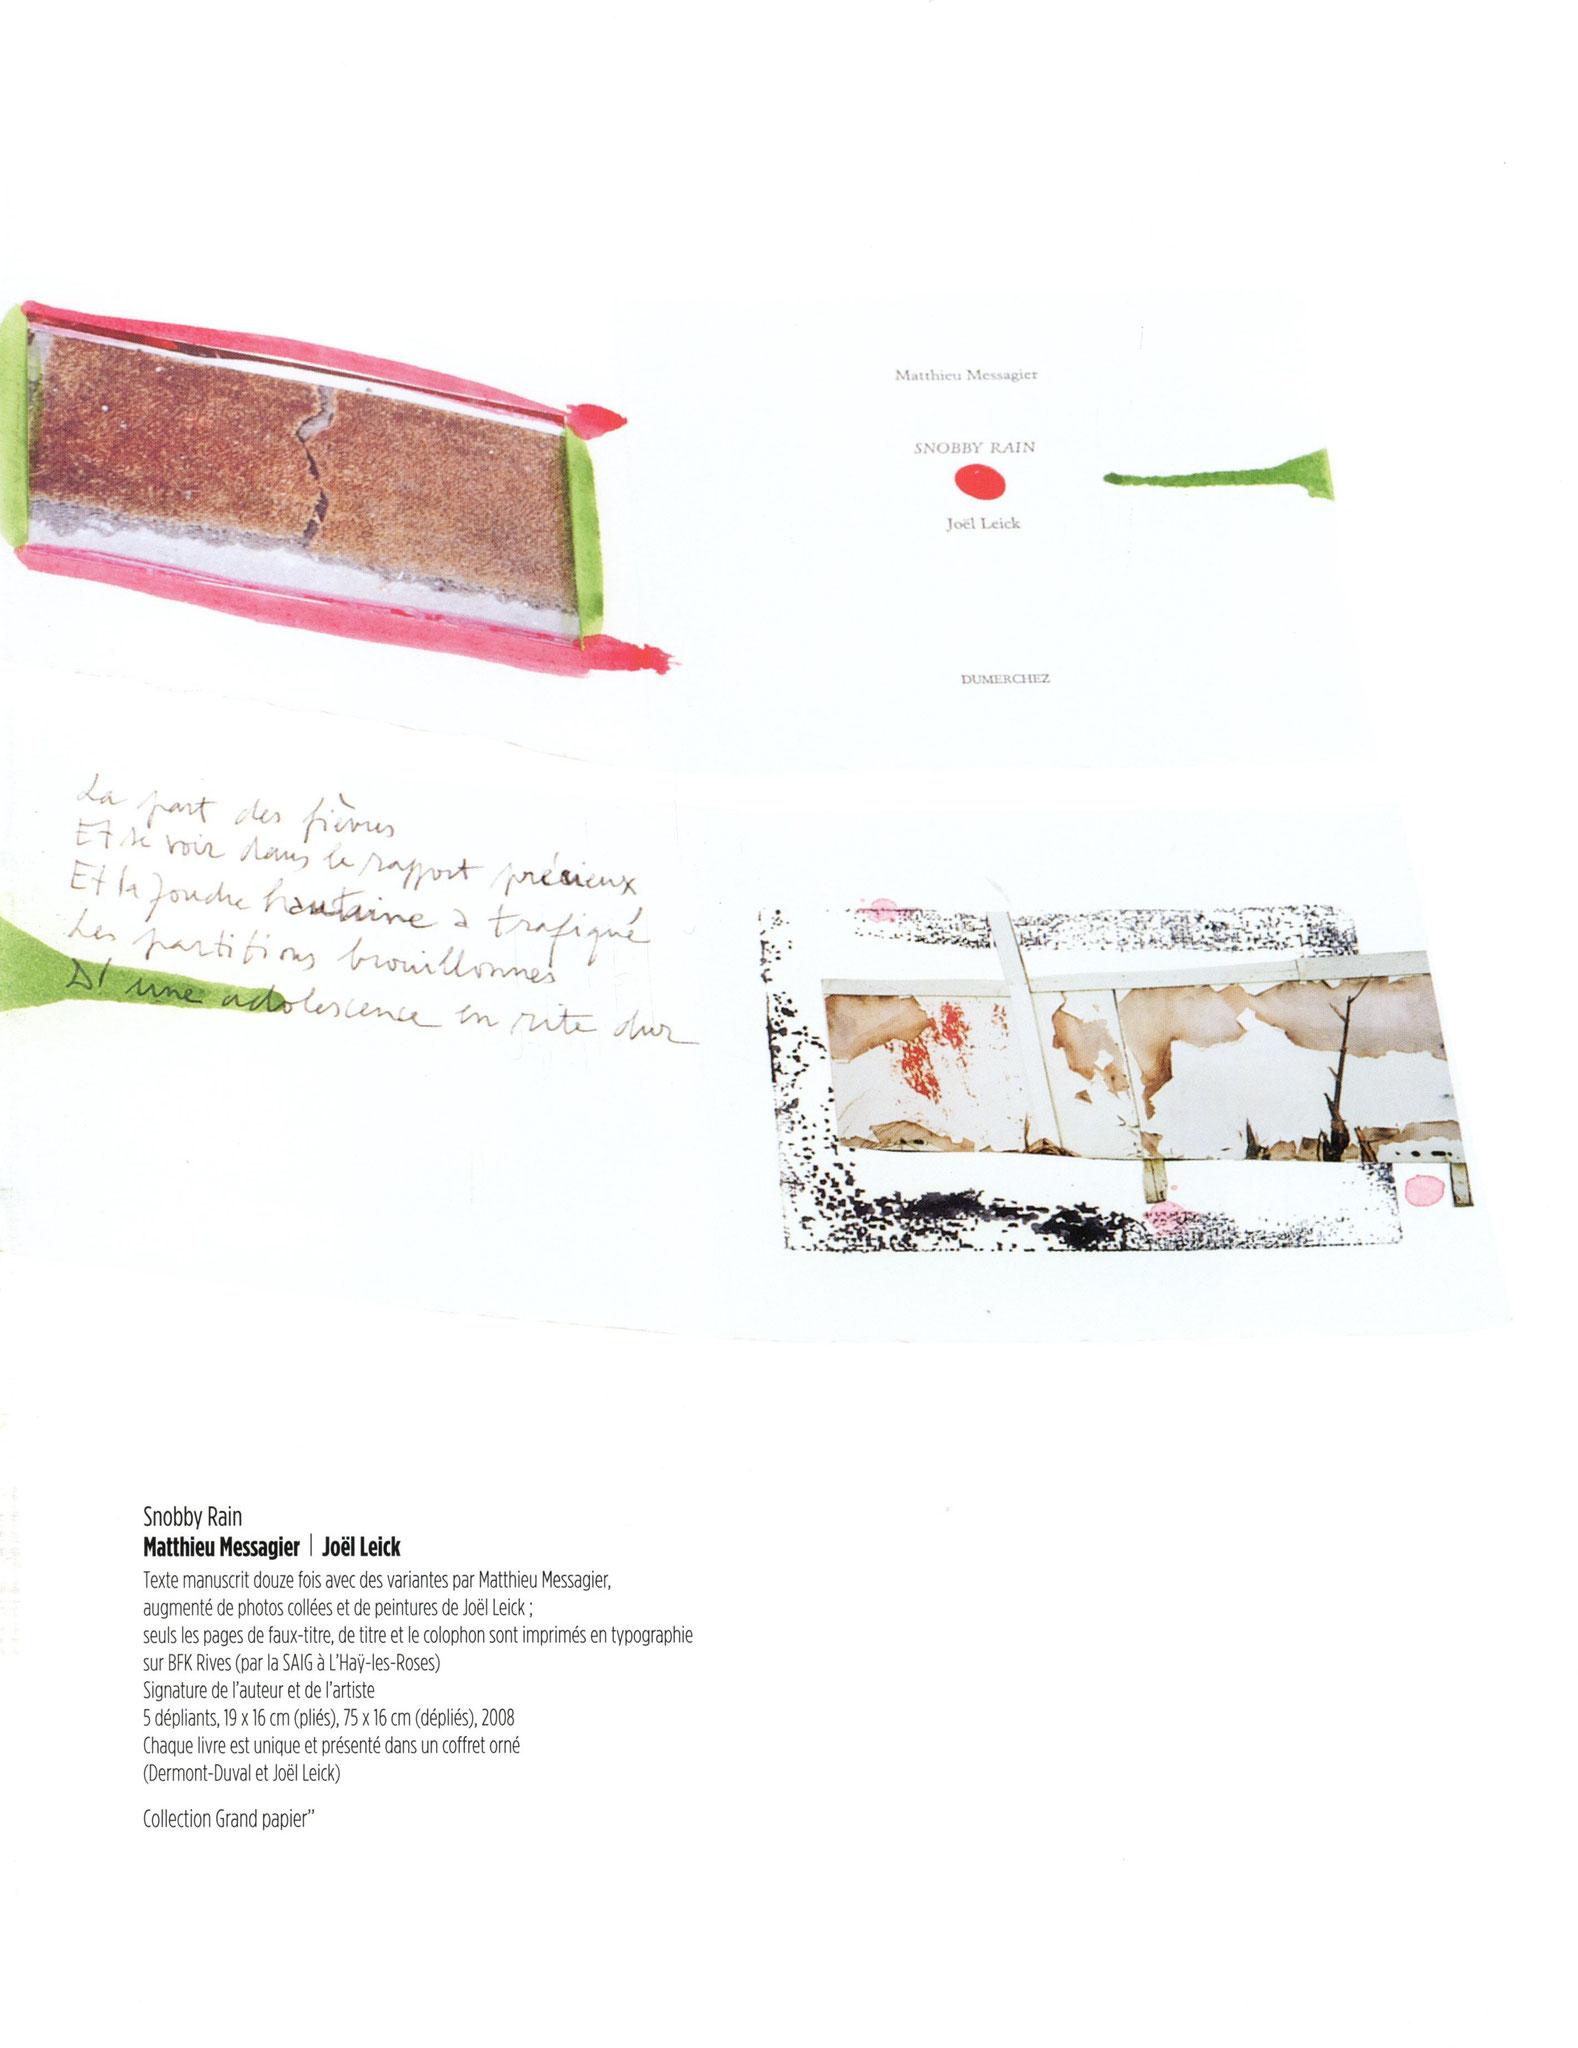 Snobby Rain - Matthieu Messagier / Joël Leick